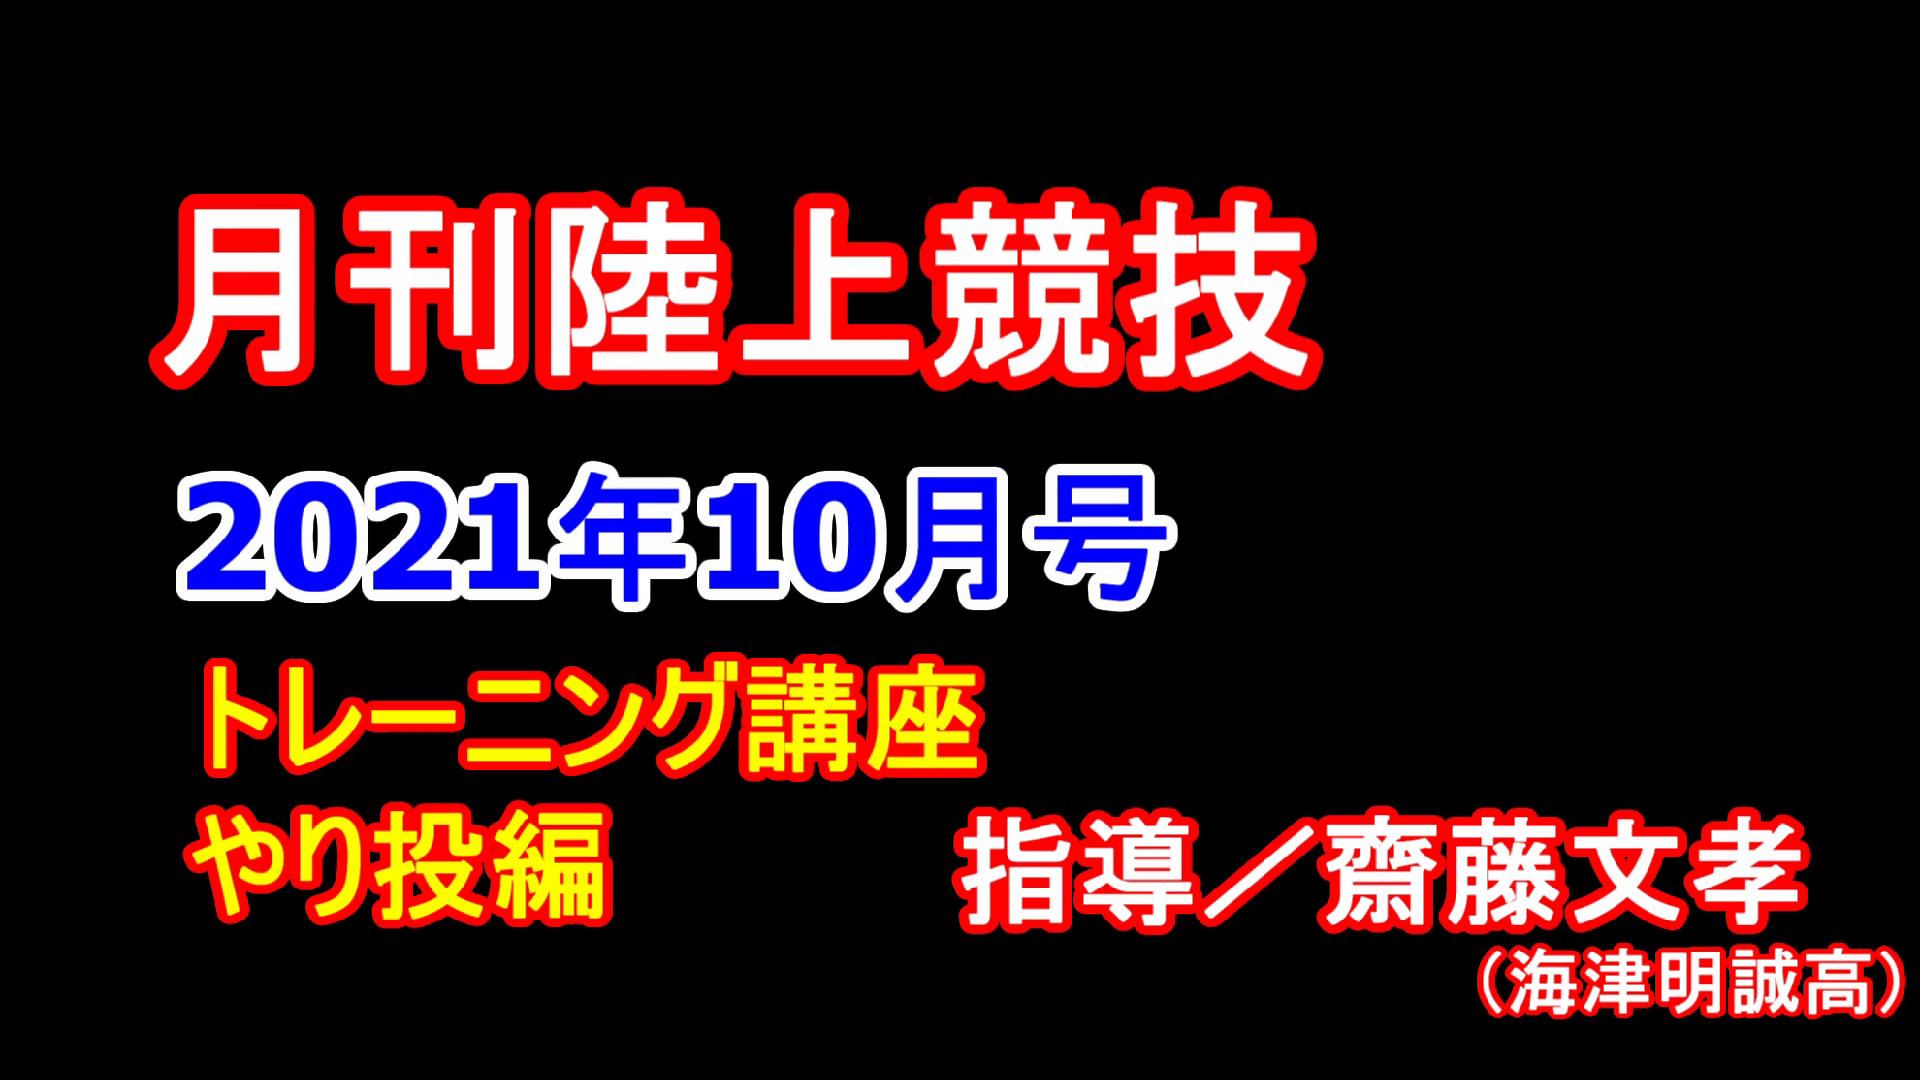 【トレーニング講座】やり投(2021年10月号)/齋藤文孝